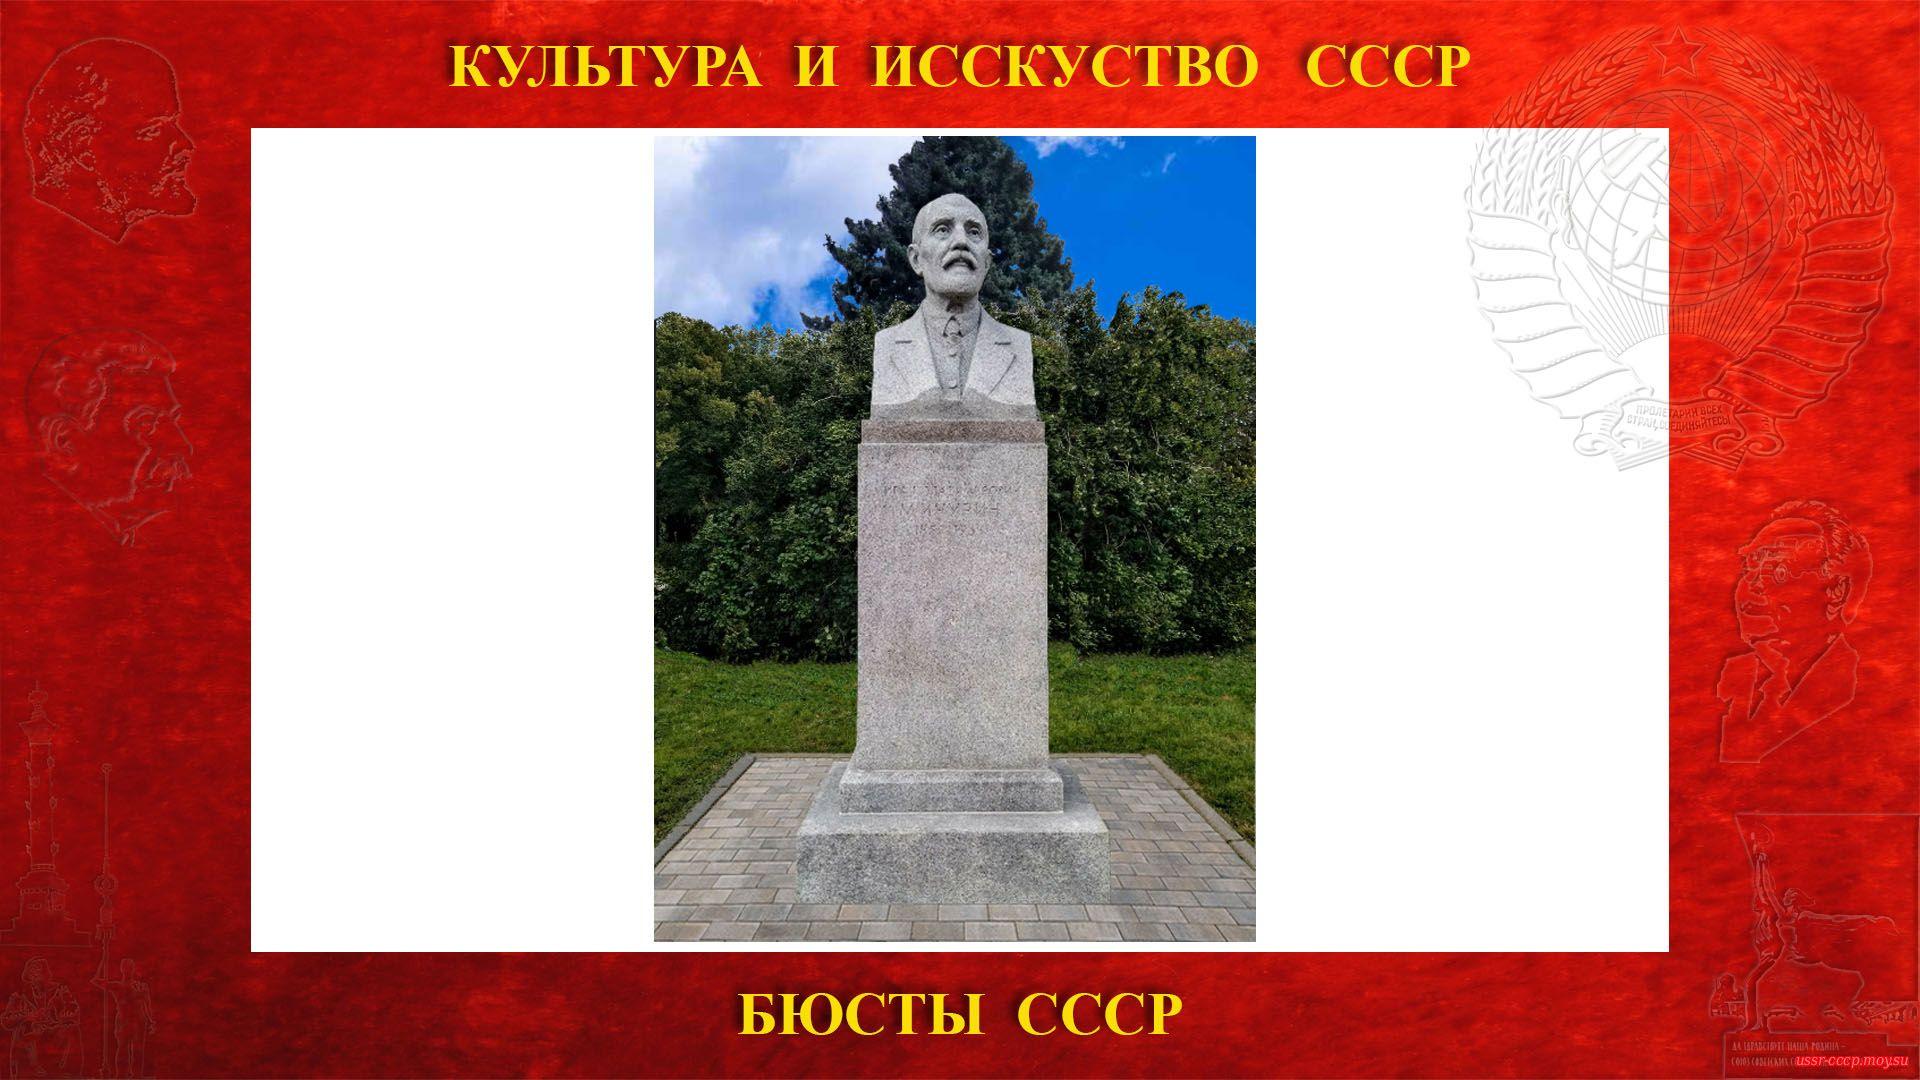 Бюст Мичурину И.В. на Ленинских горах (Москва 1953) (повествование)